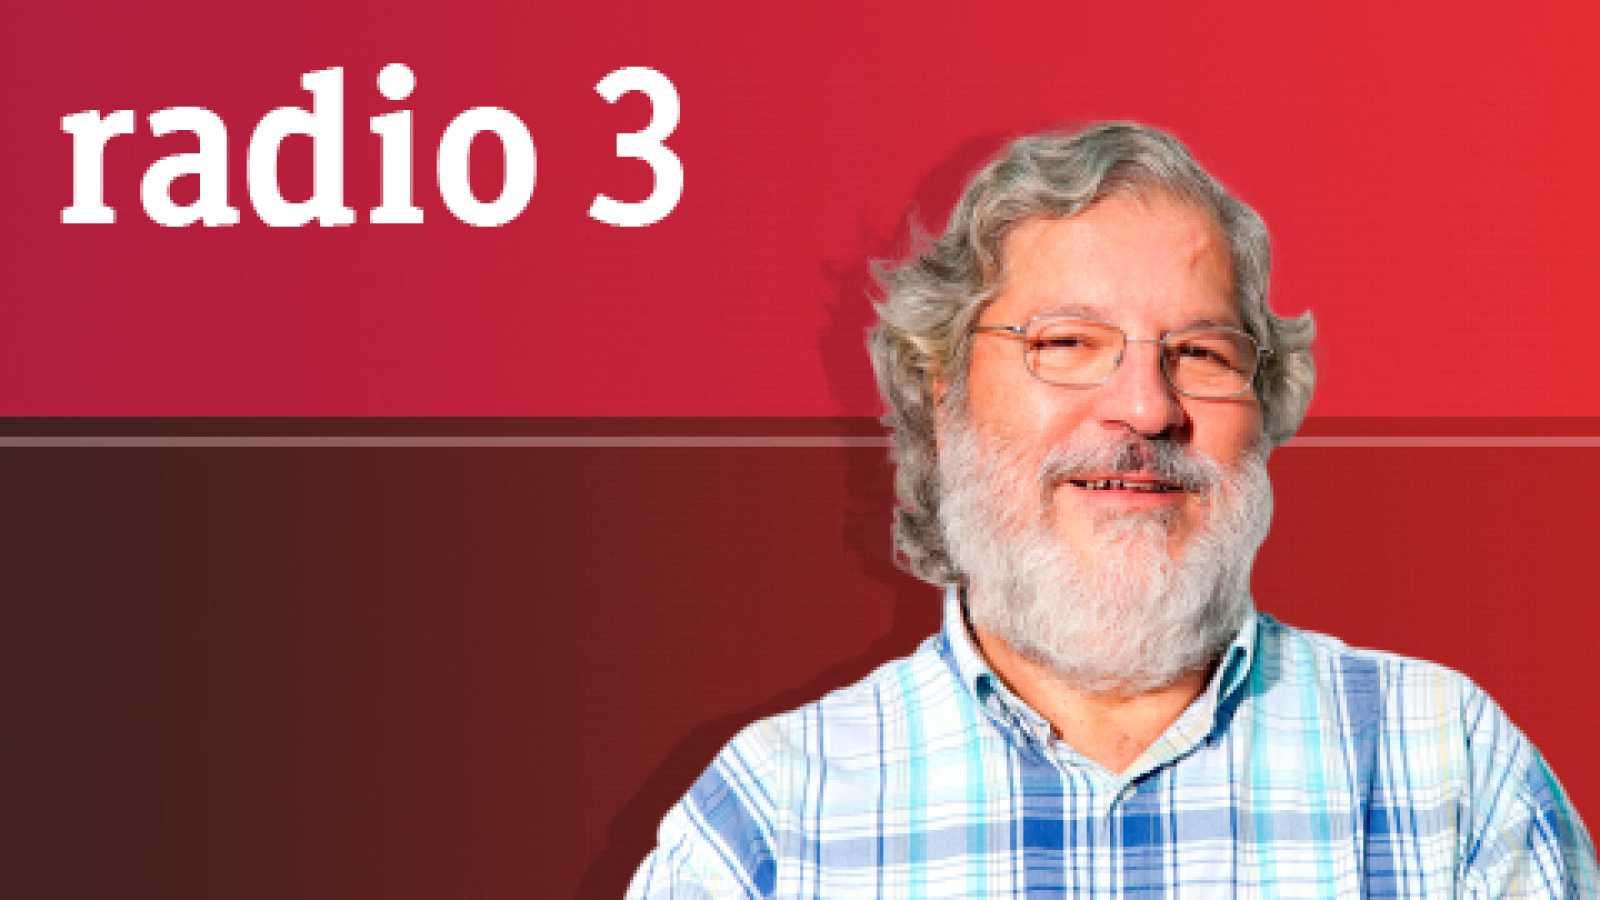 Discópolis 8.120 - Suburbano, Pala - 12/11/12 - Escuchar ahora